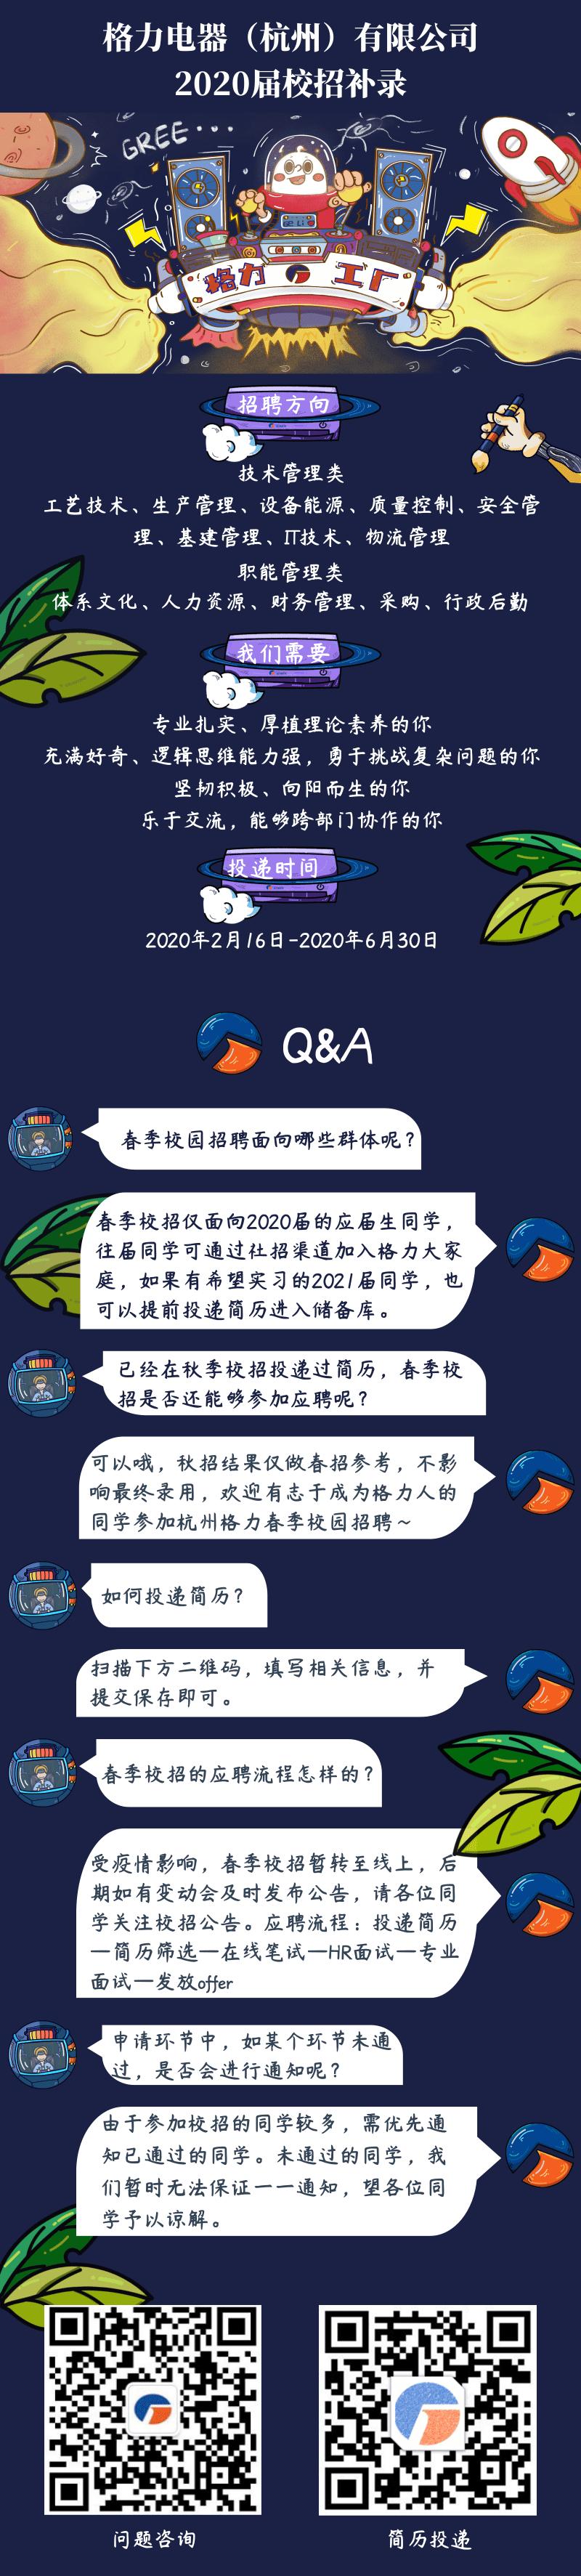 格力电气(杭州)有限公司春招补录公告